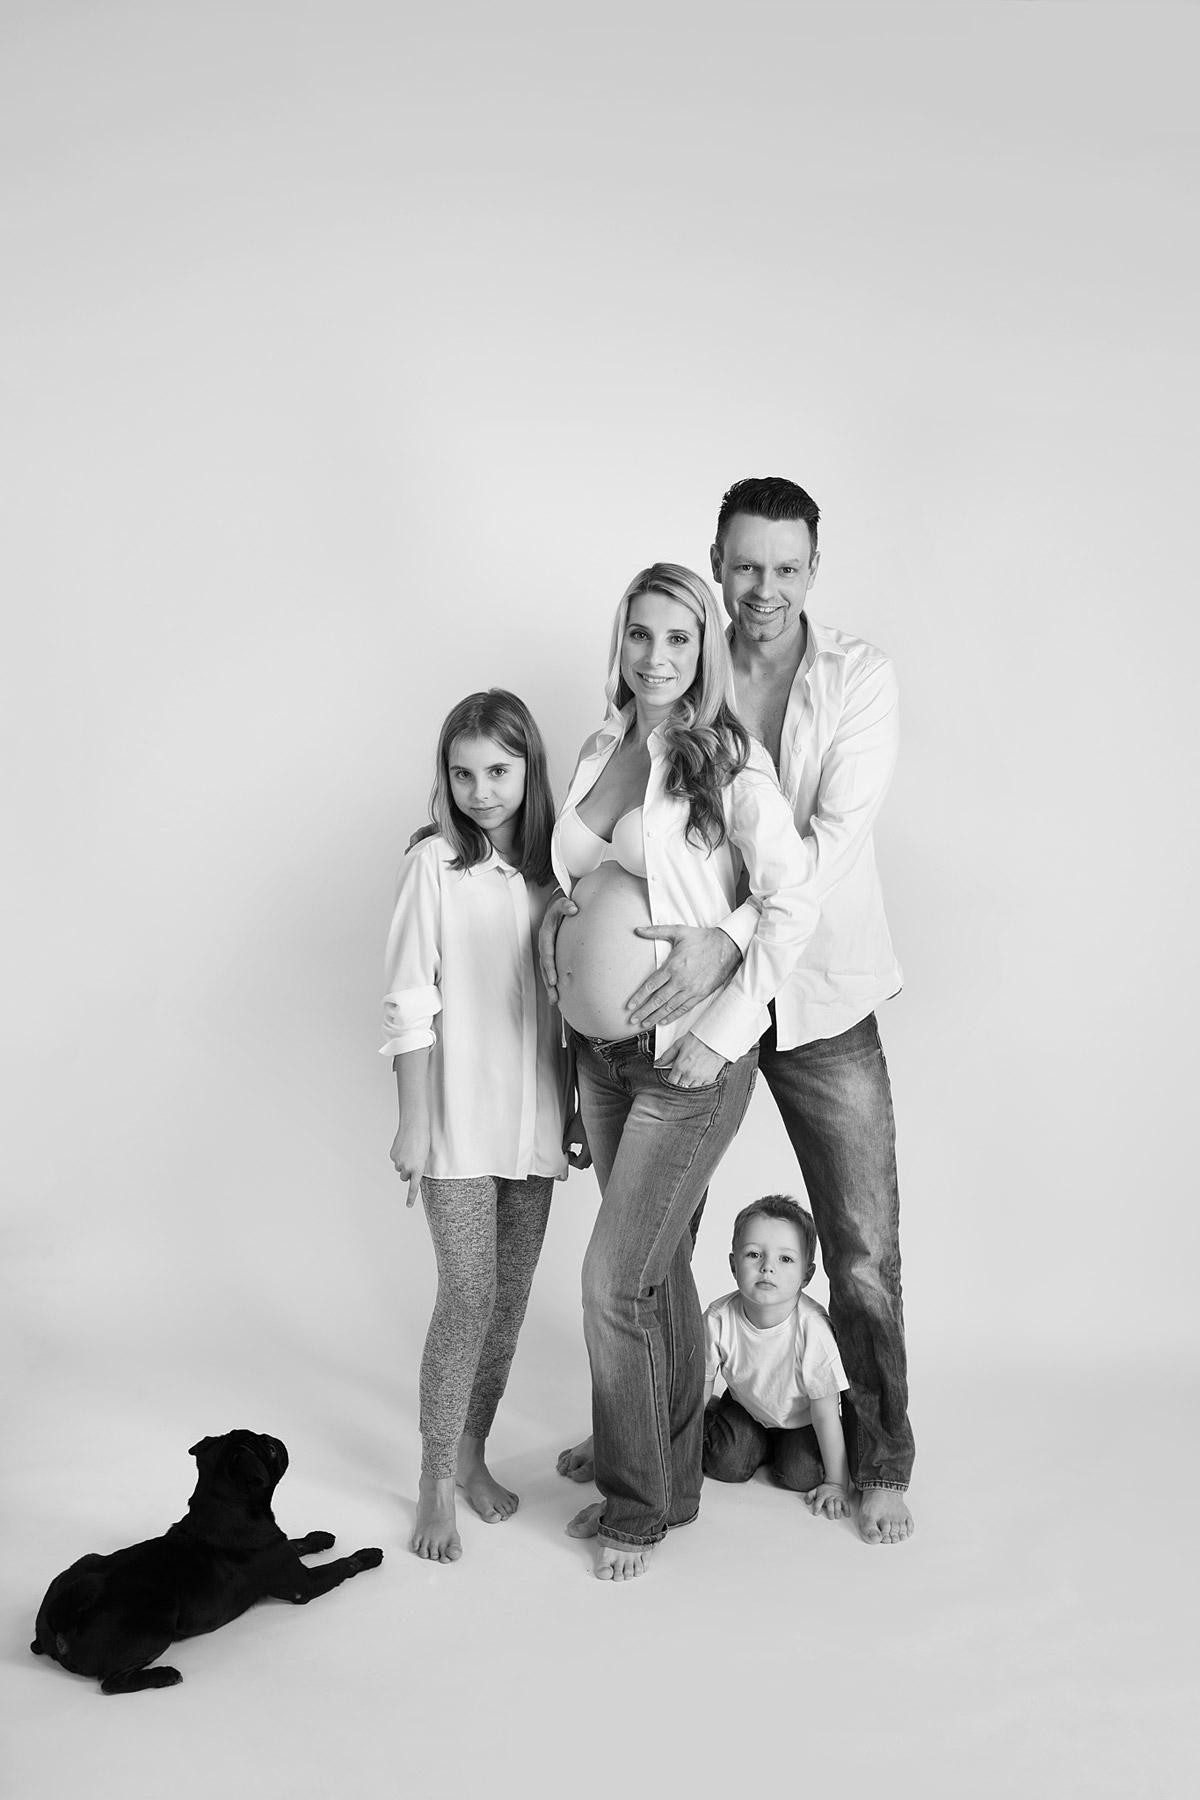 Familienfotos Fotostudio mit Babybauch